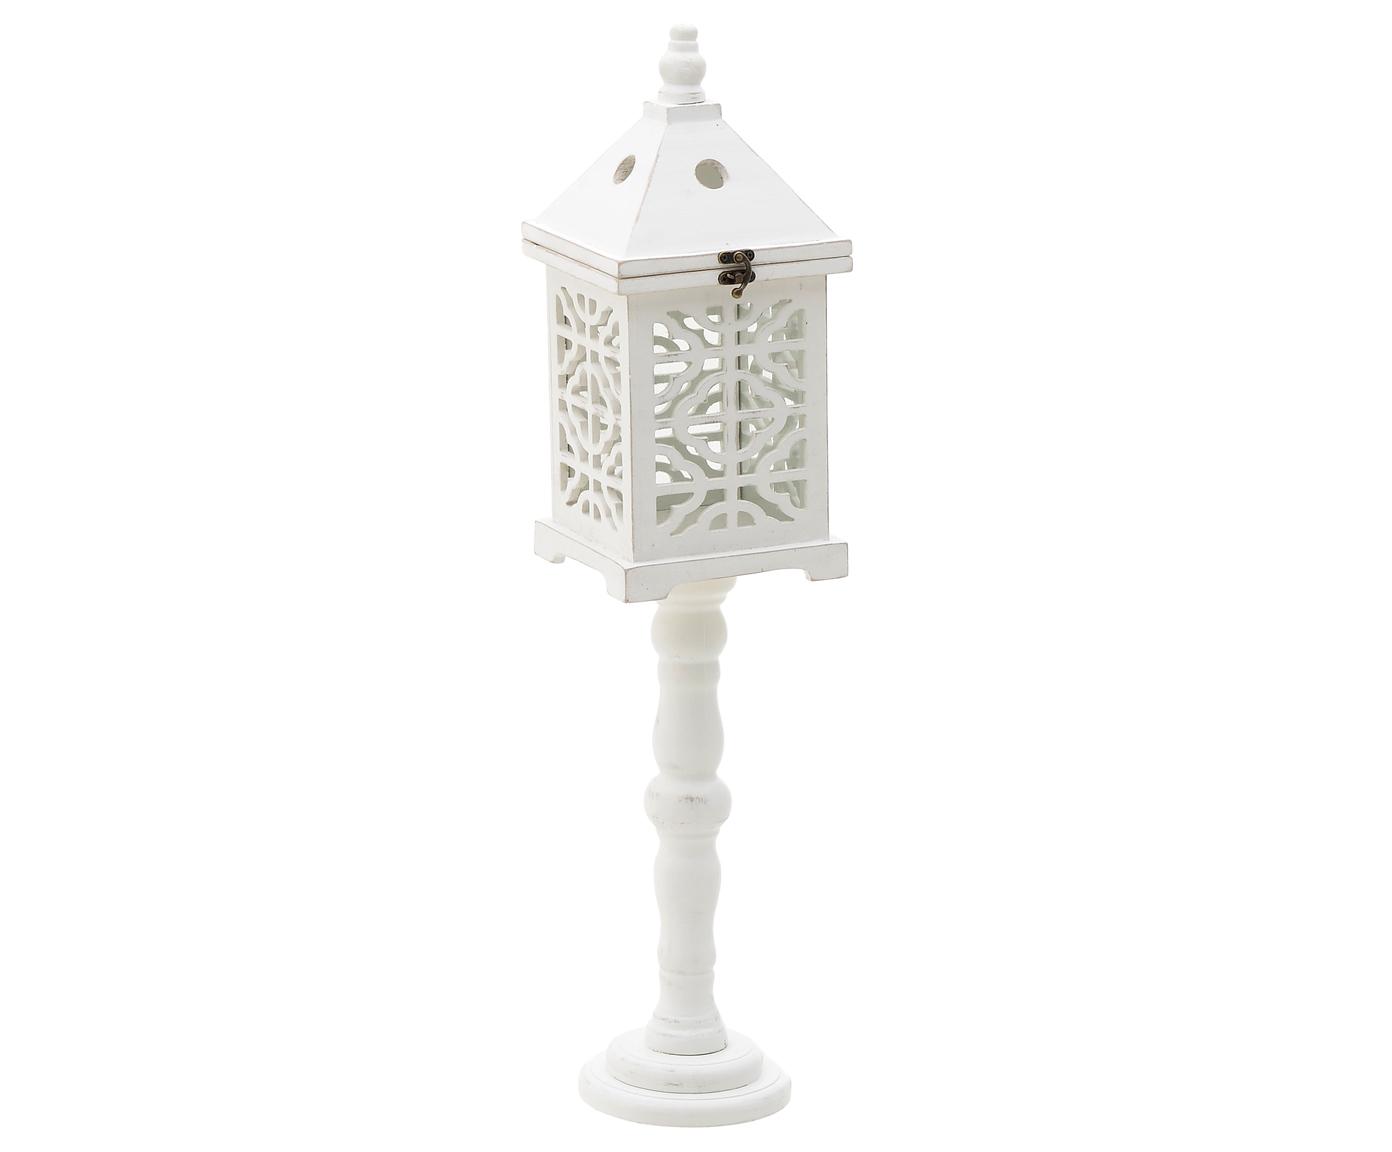 Купить Фонарь из дерева белого цвета, inmyroom, Греция